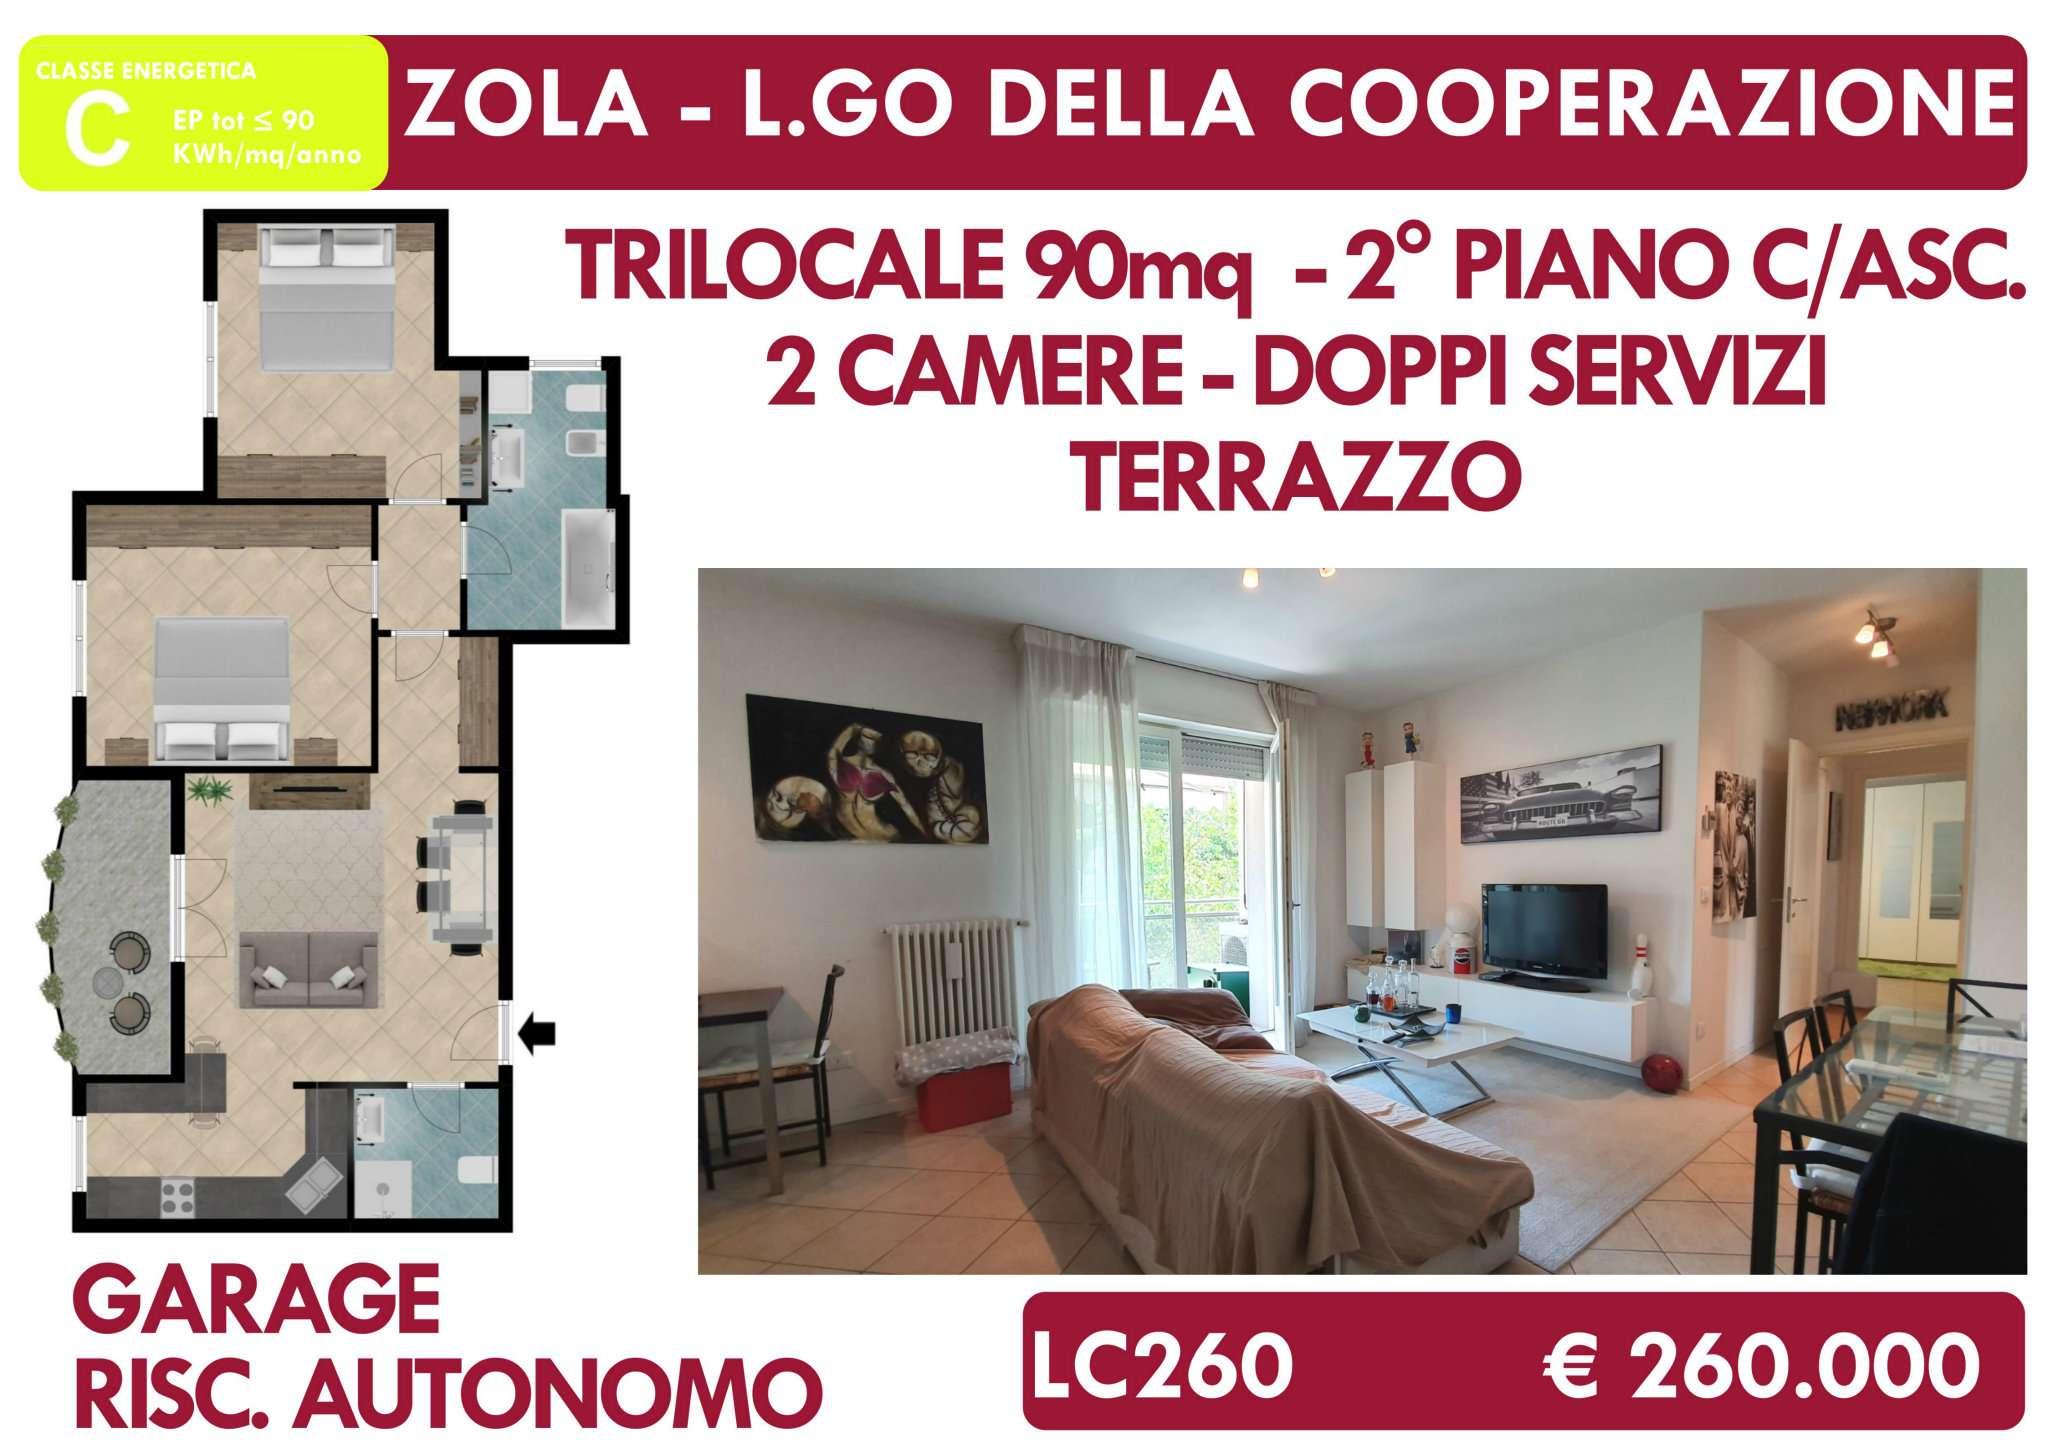 Appartamento in vendita a Zola Predosa, 3 locali, prezzo € 260.000 | PortaleAgenzieImmobiliari.it